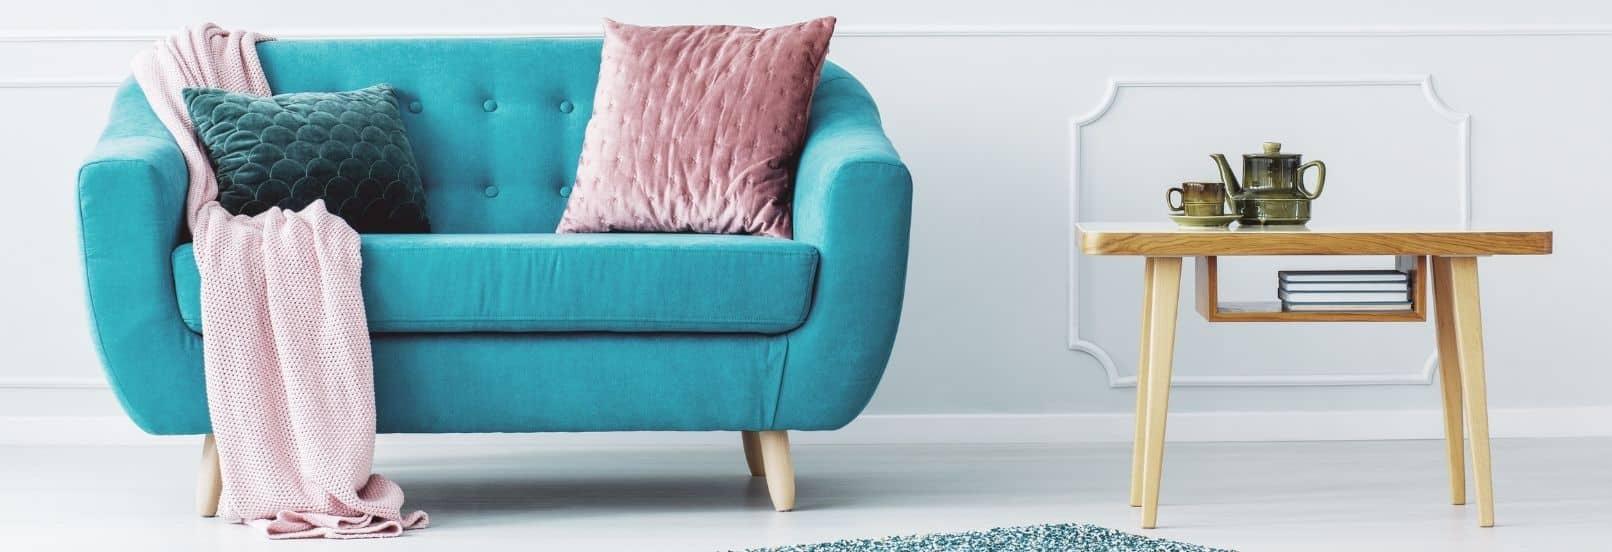 7 avantages à louer en meublé